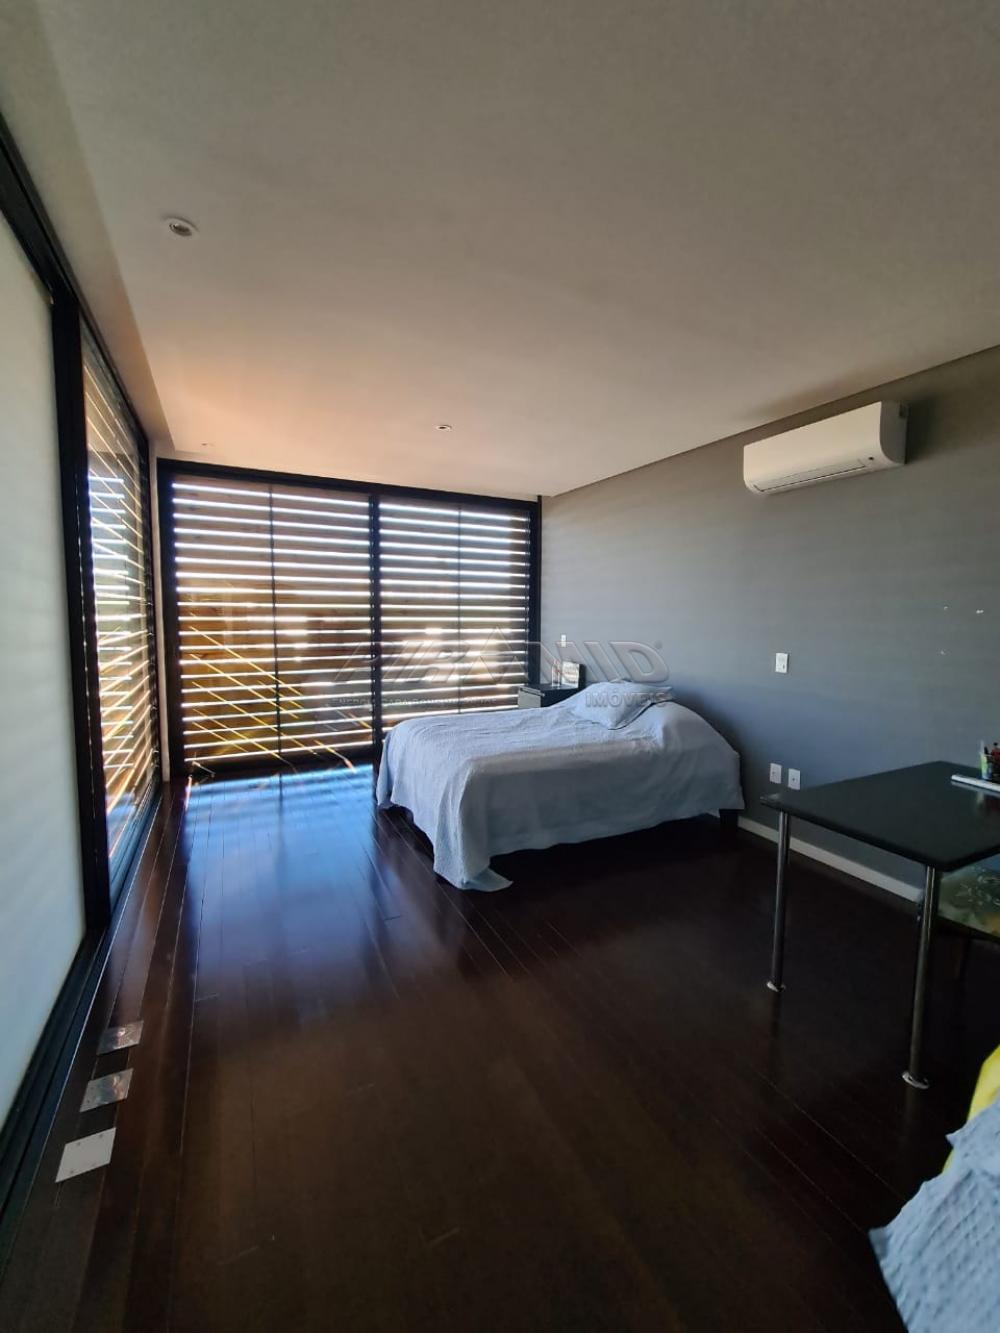 Comprar Casa / Condomínio em Bonfim Paulista R$ 2.500.000,00 - Foto 10